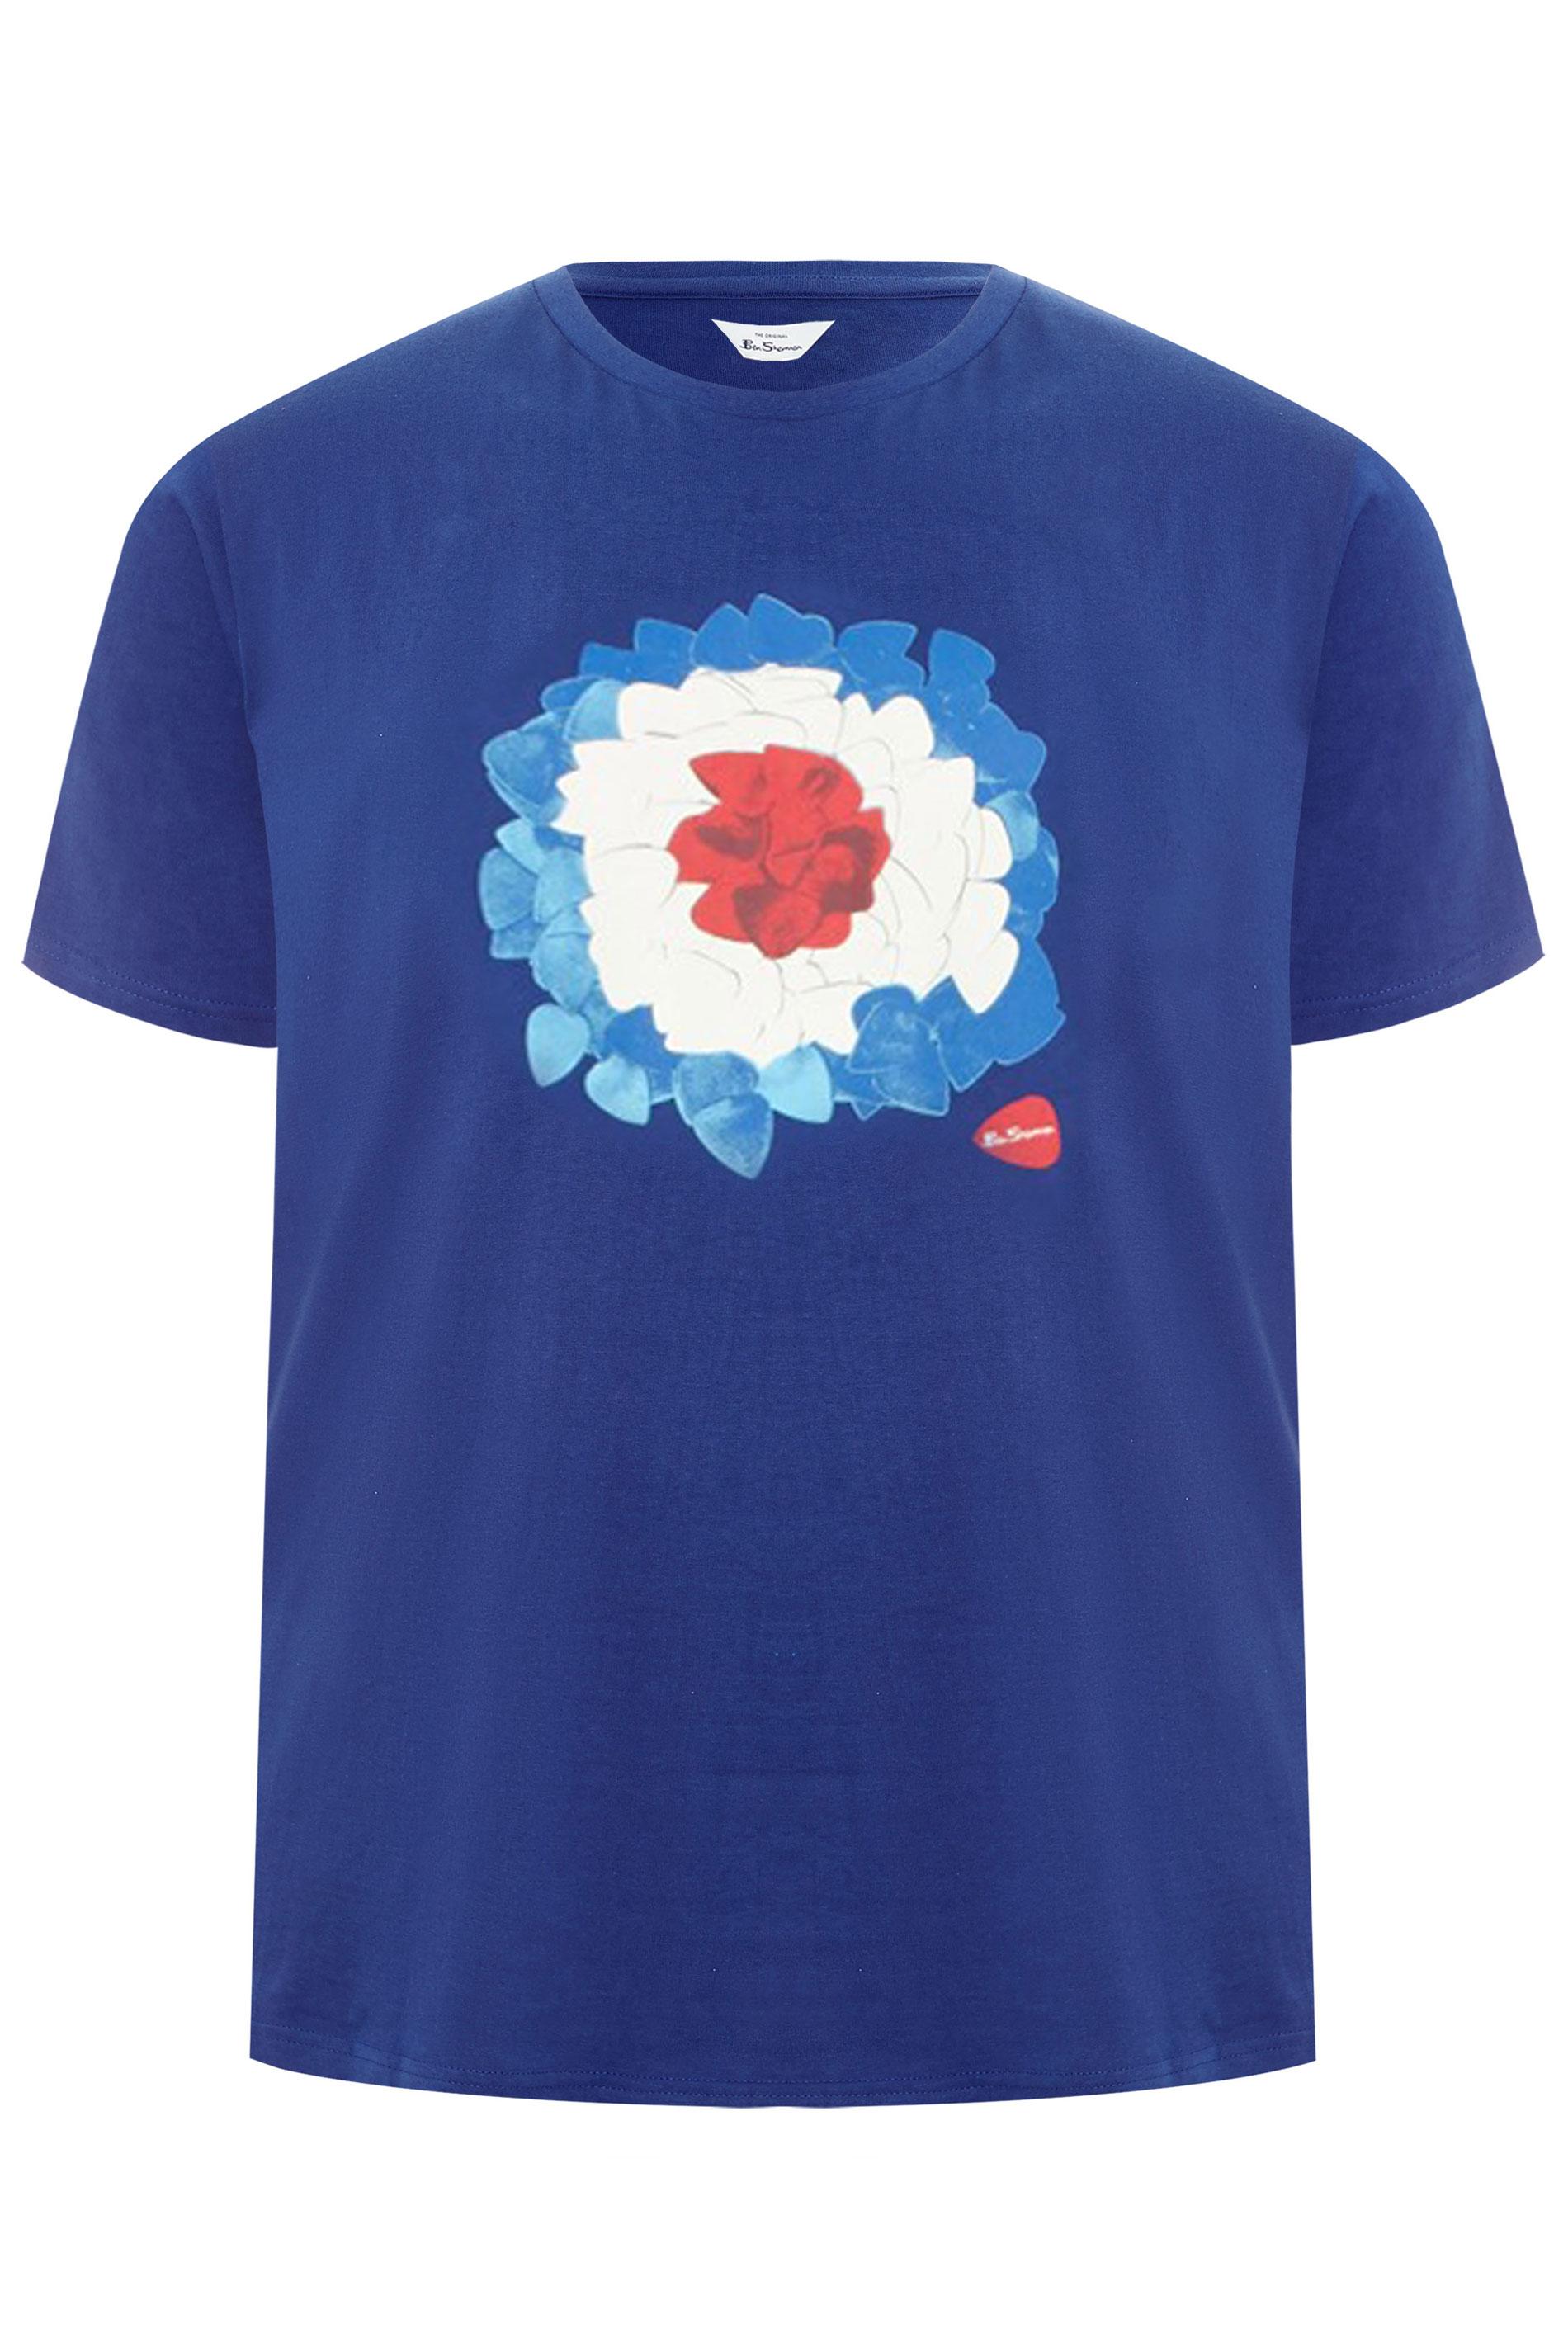 BEN SHERMAN Blue Target Graphic Print T-Shirt